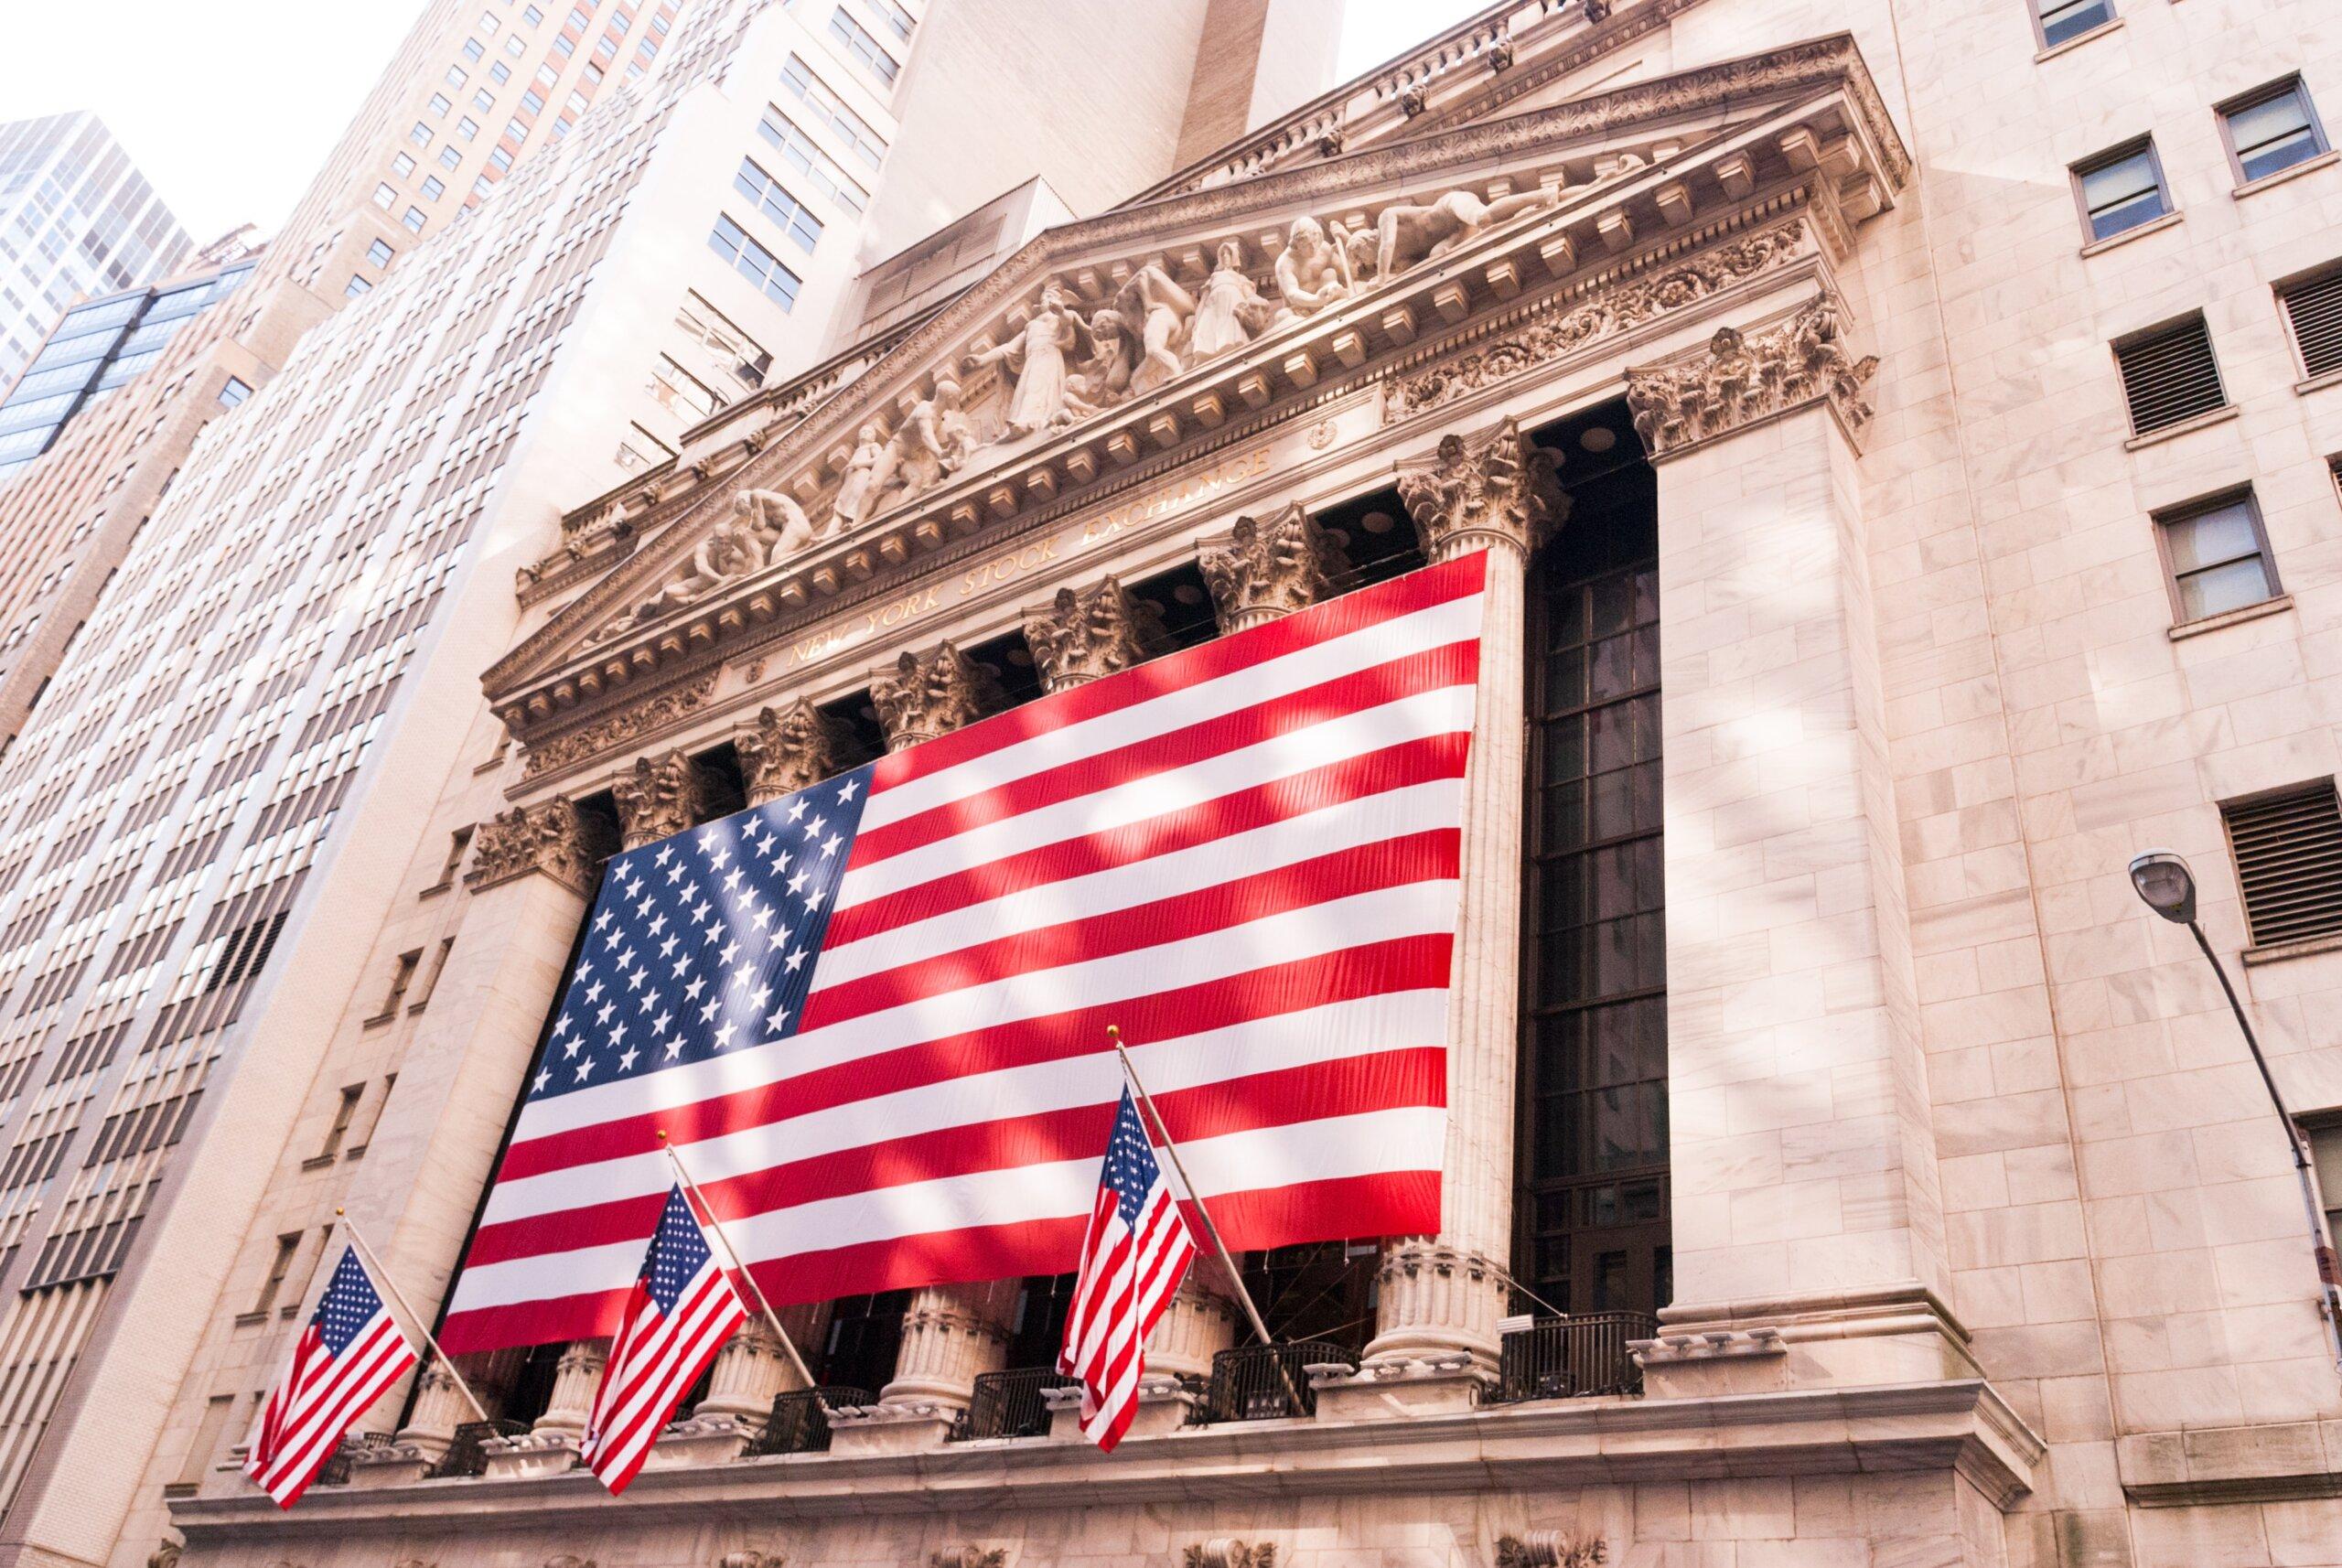 米国株。テーパリング議論の開始後どうなる?前回の2013年からシナリオ分析。【5/21 週末、先読みマーケット】